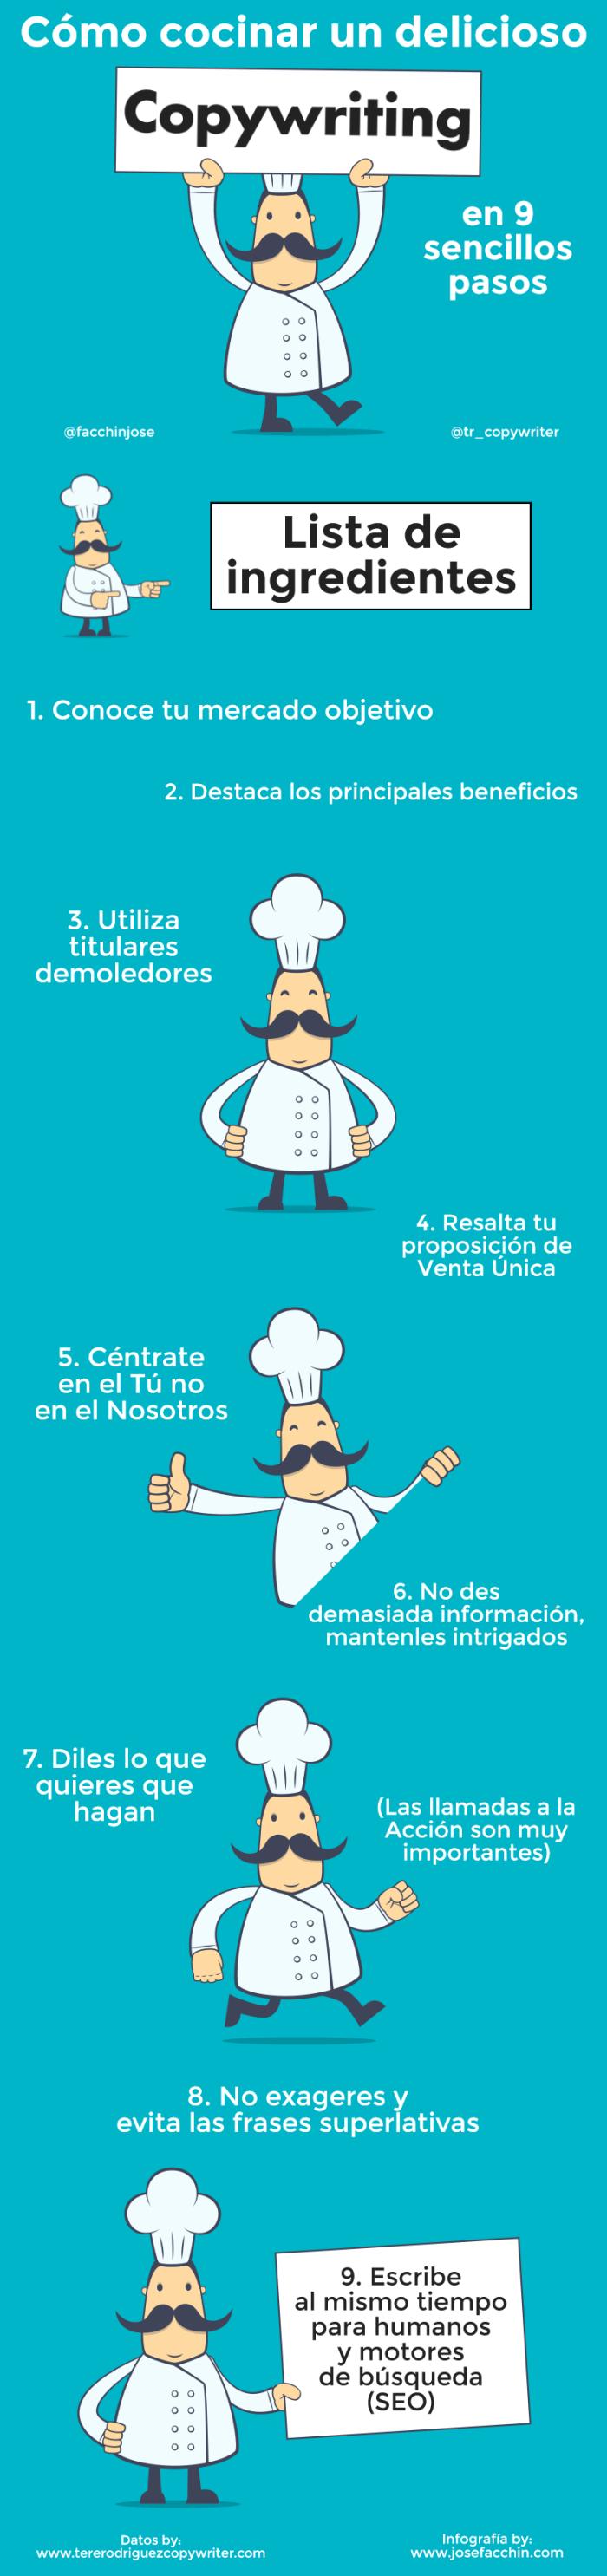 Cómo cocinar un delicioso CopyWriting en 9 pasos